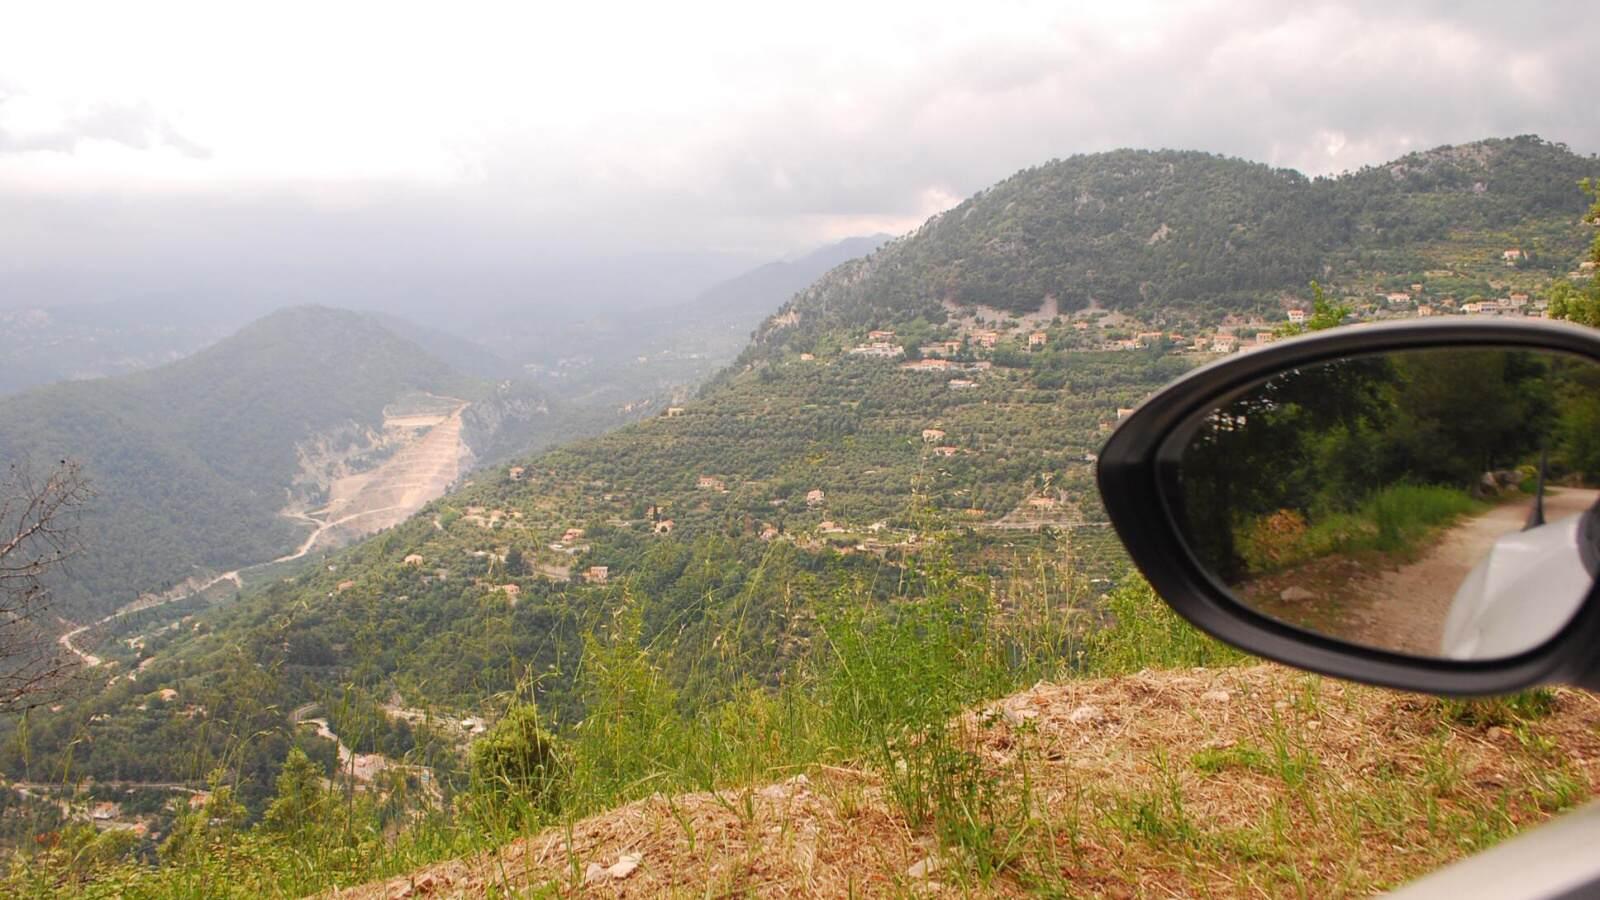 vyhled z kopce